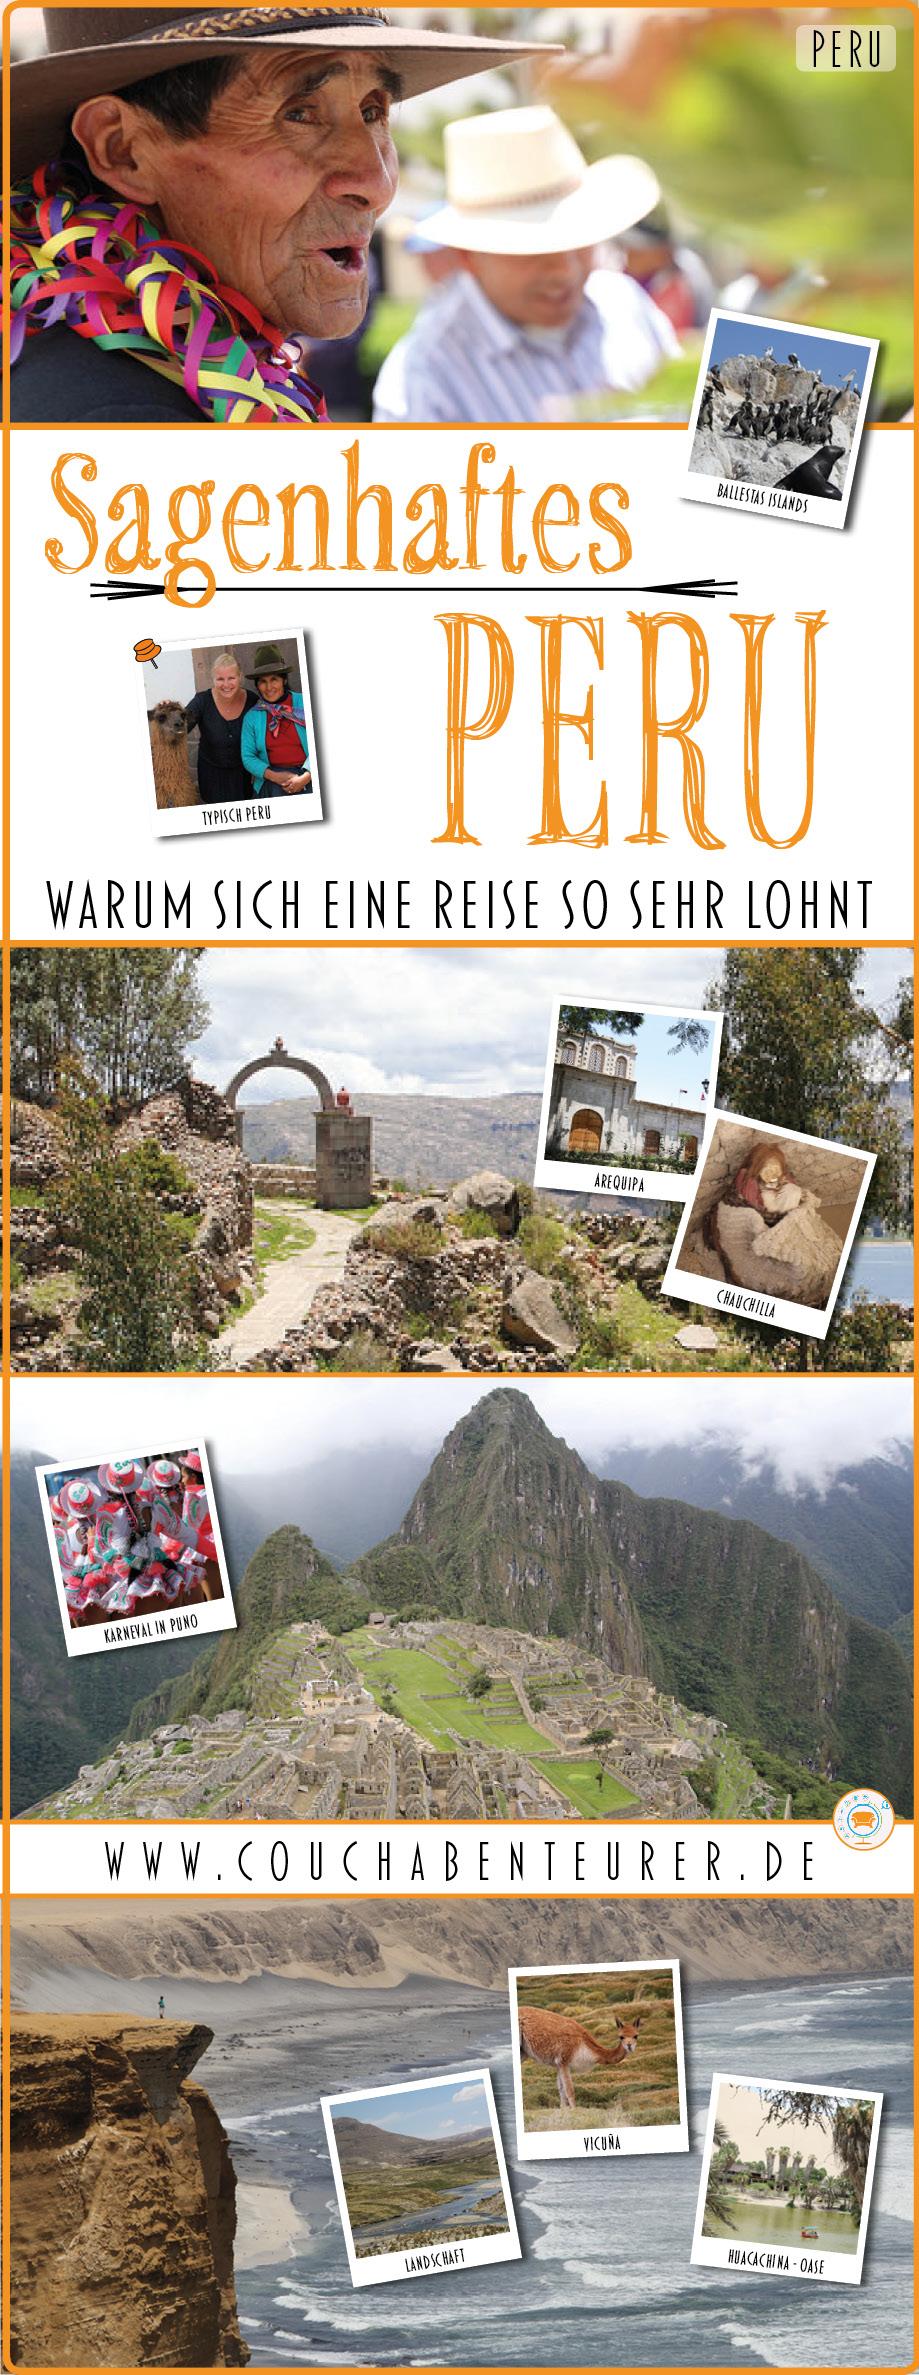 Sagenhaftes-Peru-Warum-sich-eine-Reise-sehr-lohnt